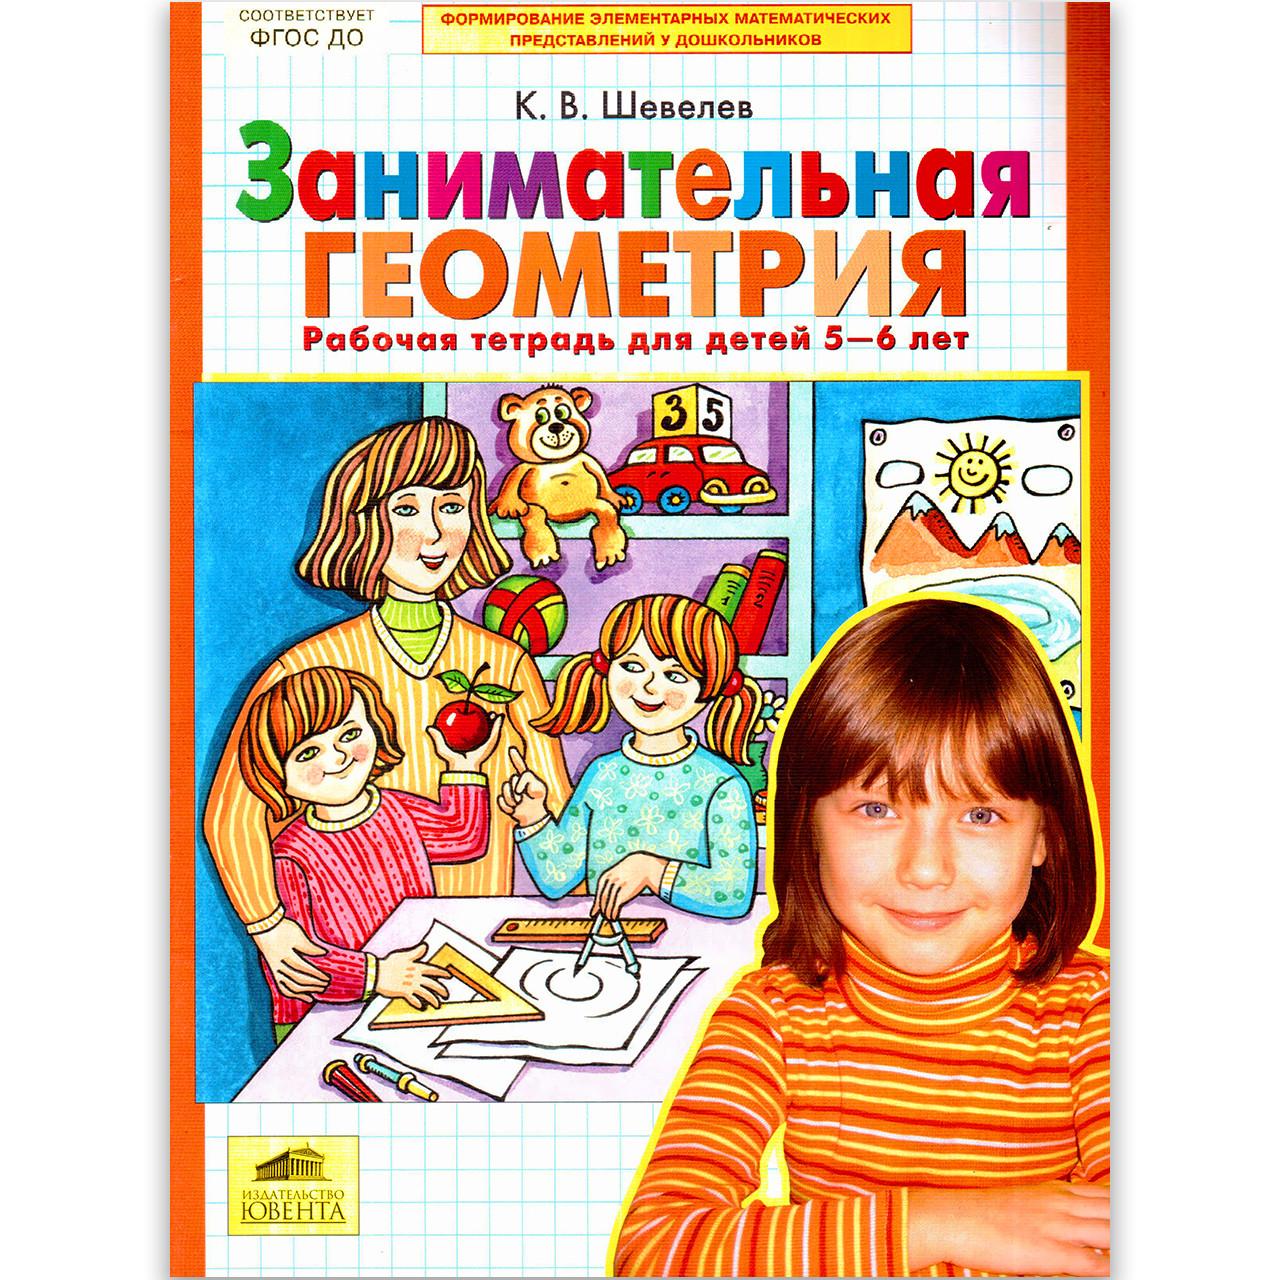 Занимательная геометрия Тетрадь для детей 5-6 лет Авт: Шевелев К. Изд: Ювента